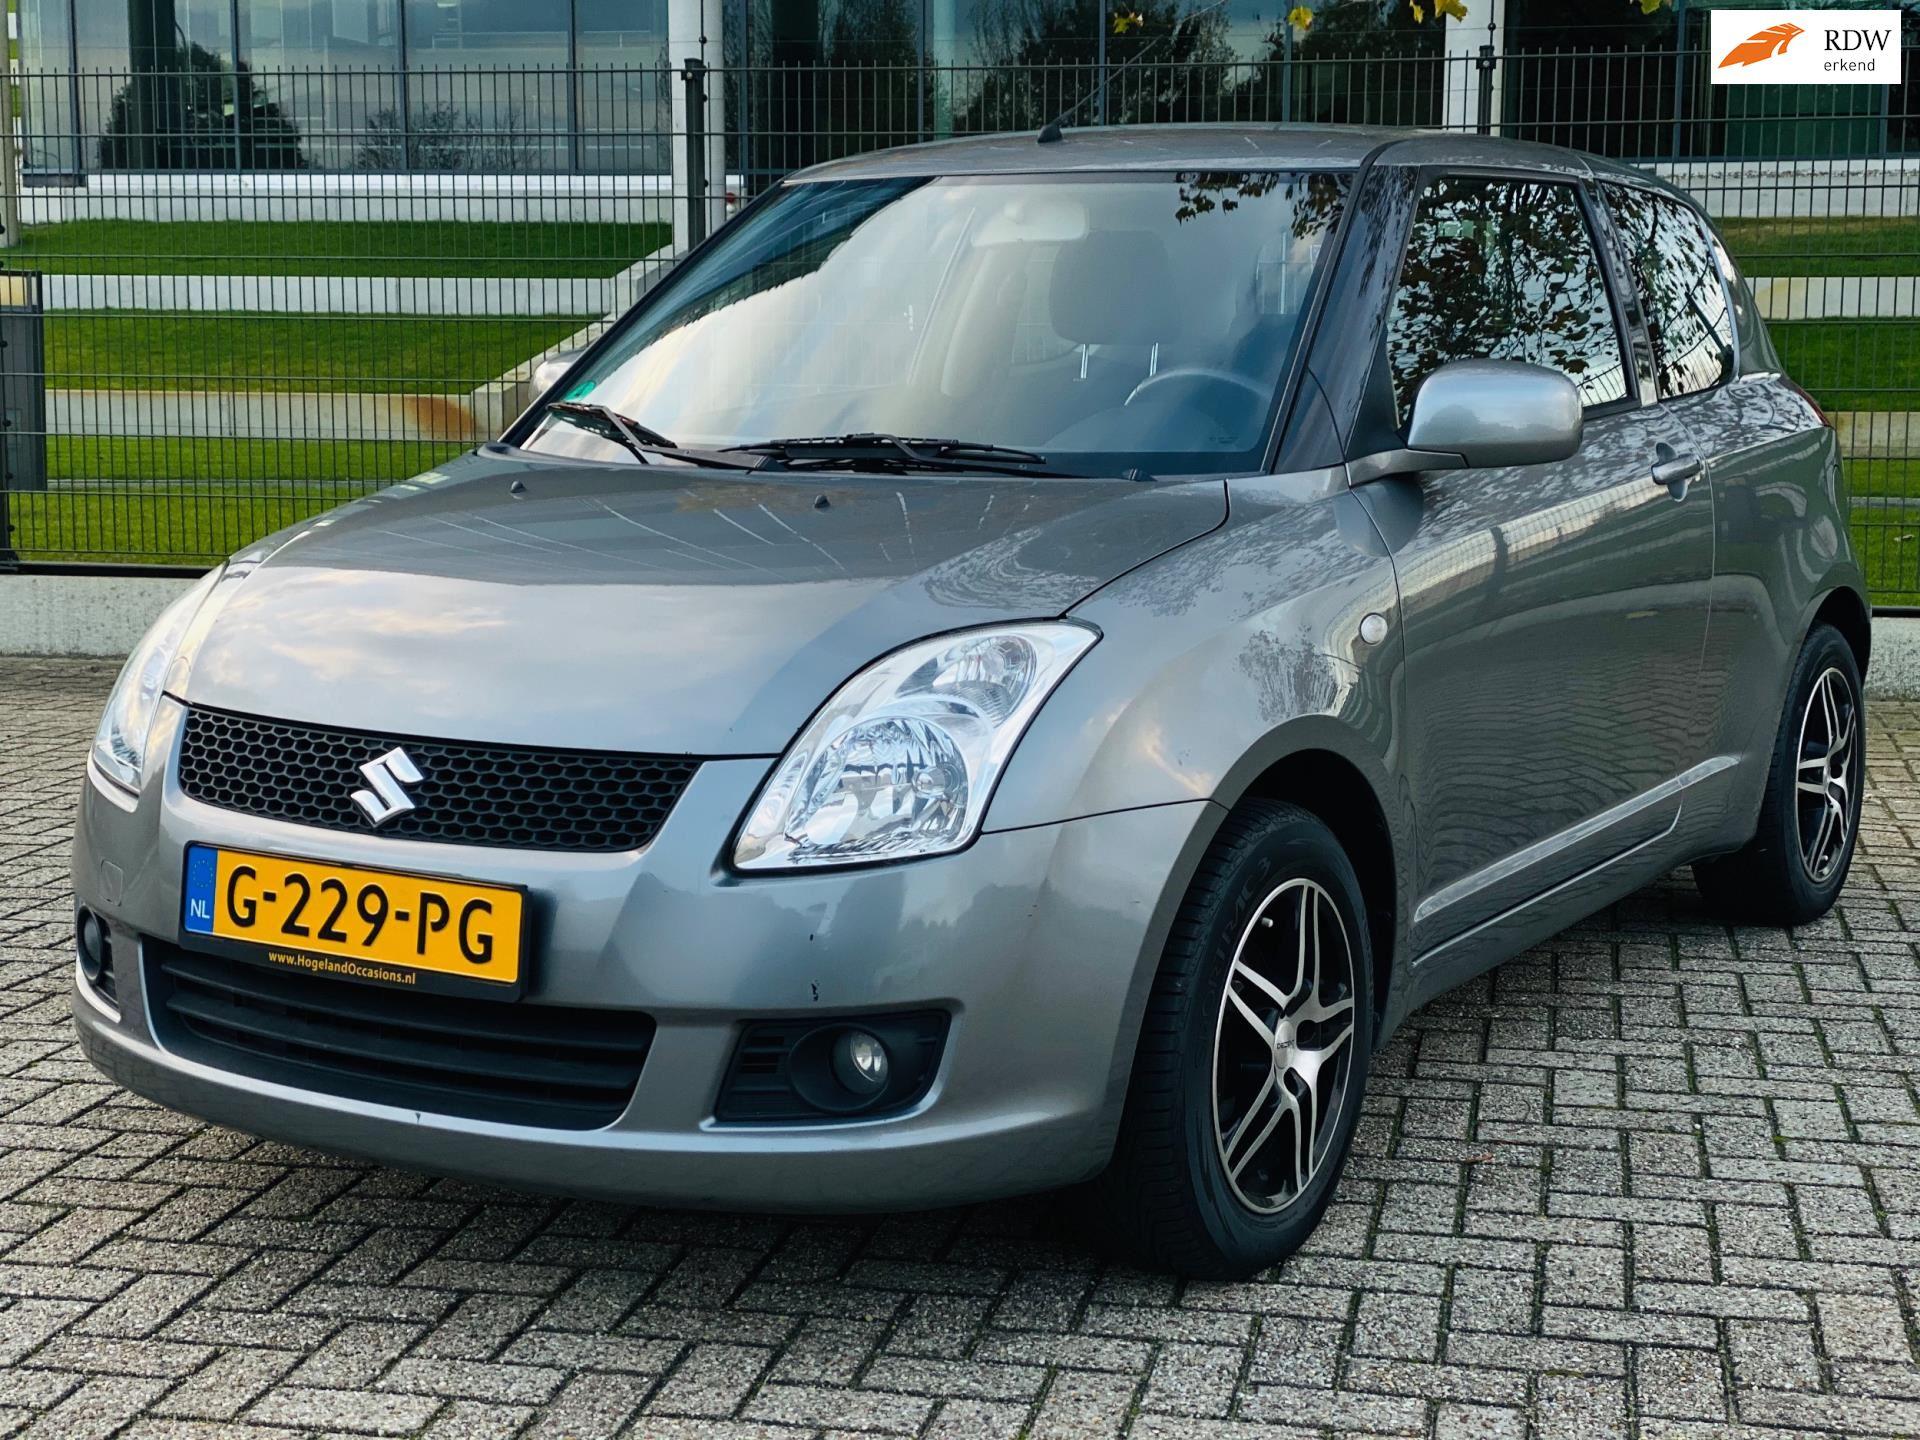 Suzuki Swift occasion - Hogeland Occasions